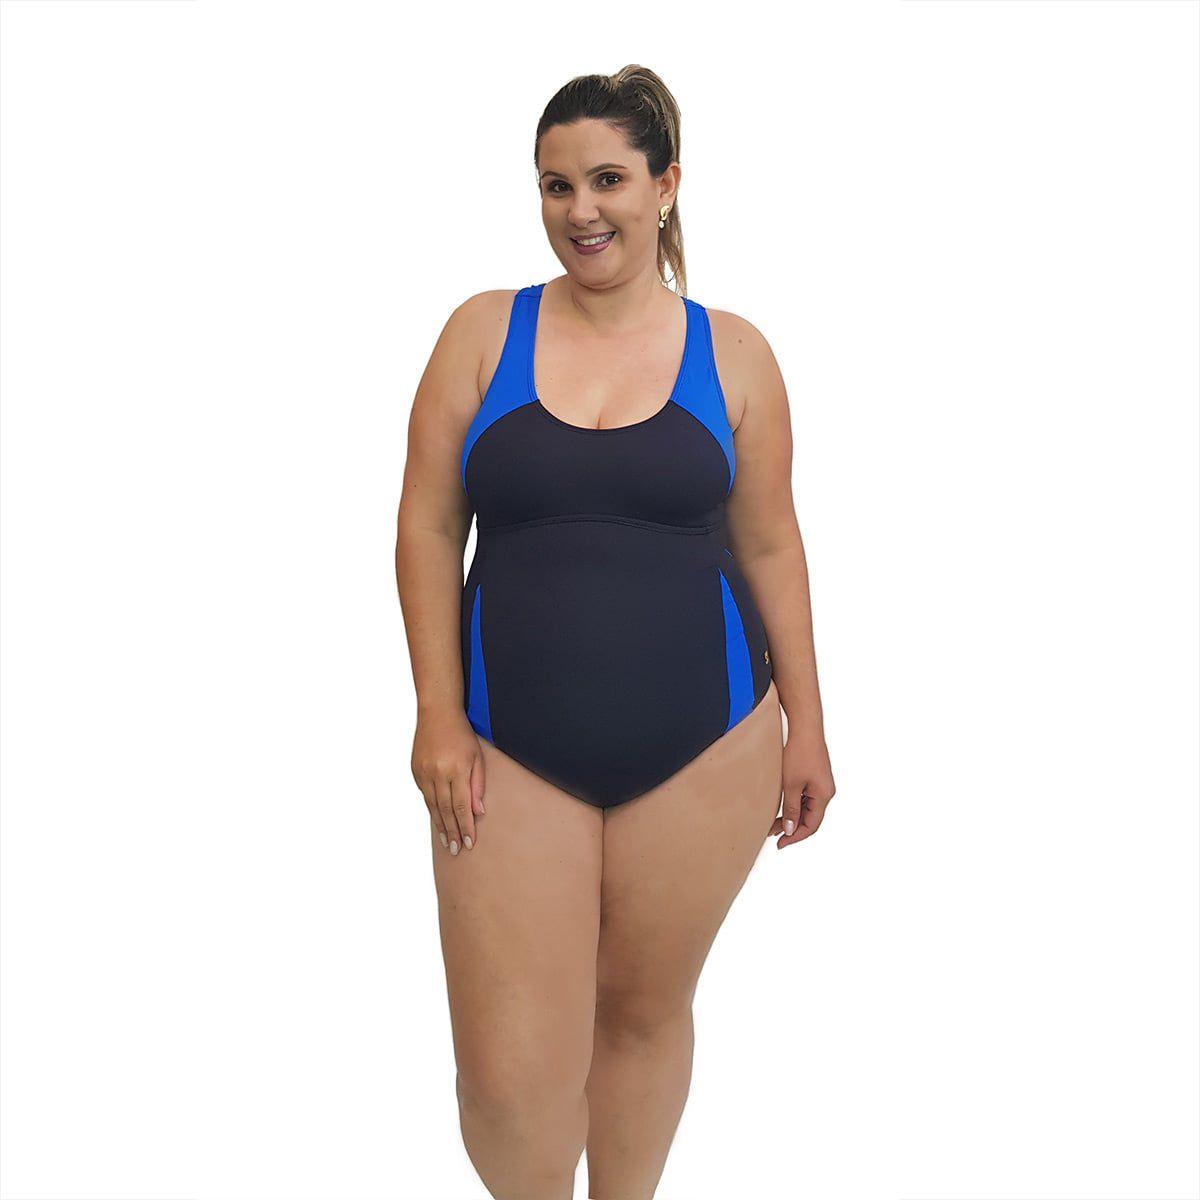 Maiô Natação Plus Size Light UV 50+ Preto com detalhe em Azul Bic